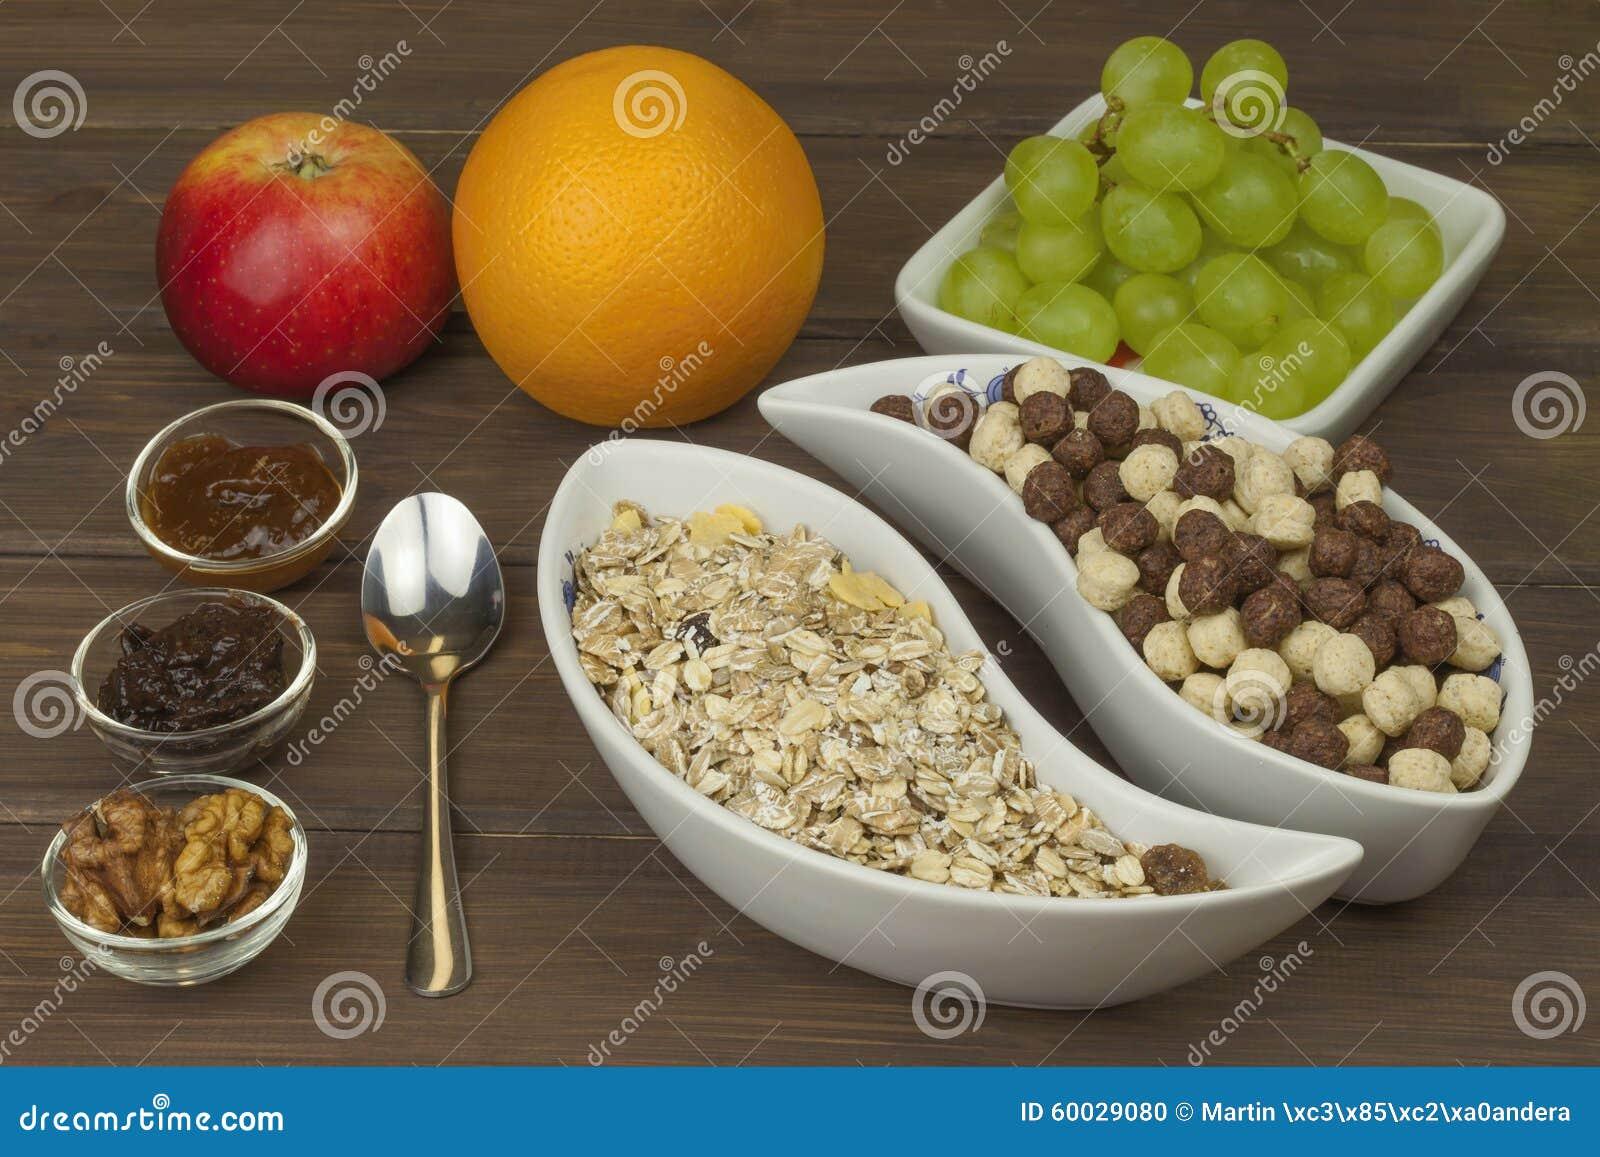 mat med mycket energi